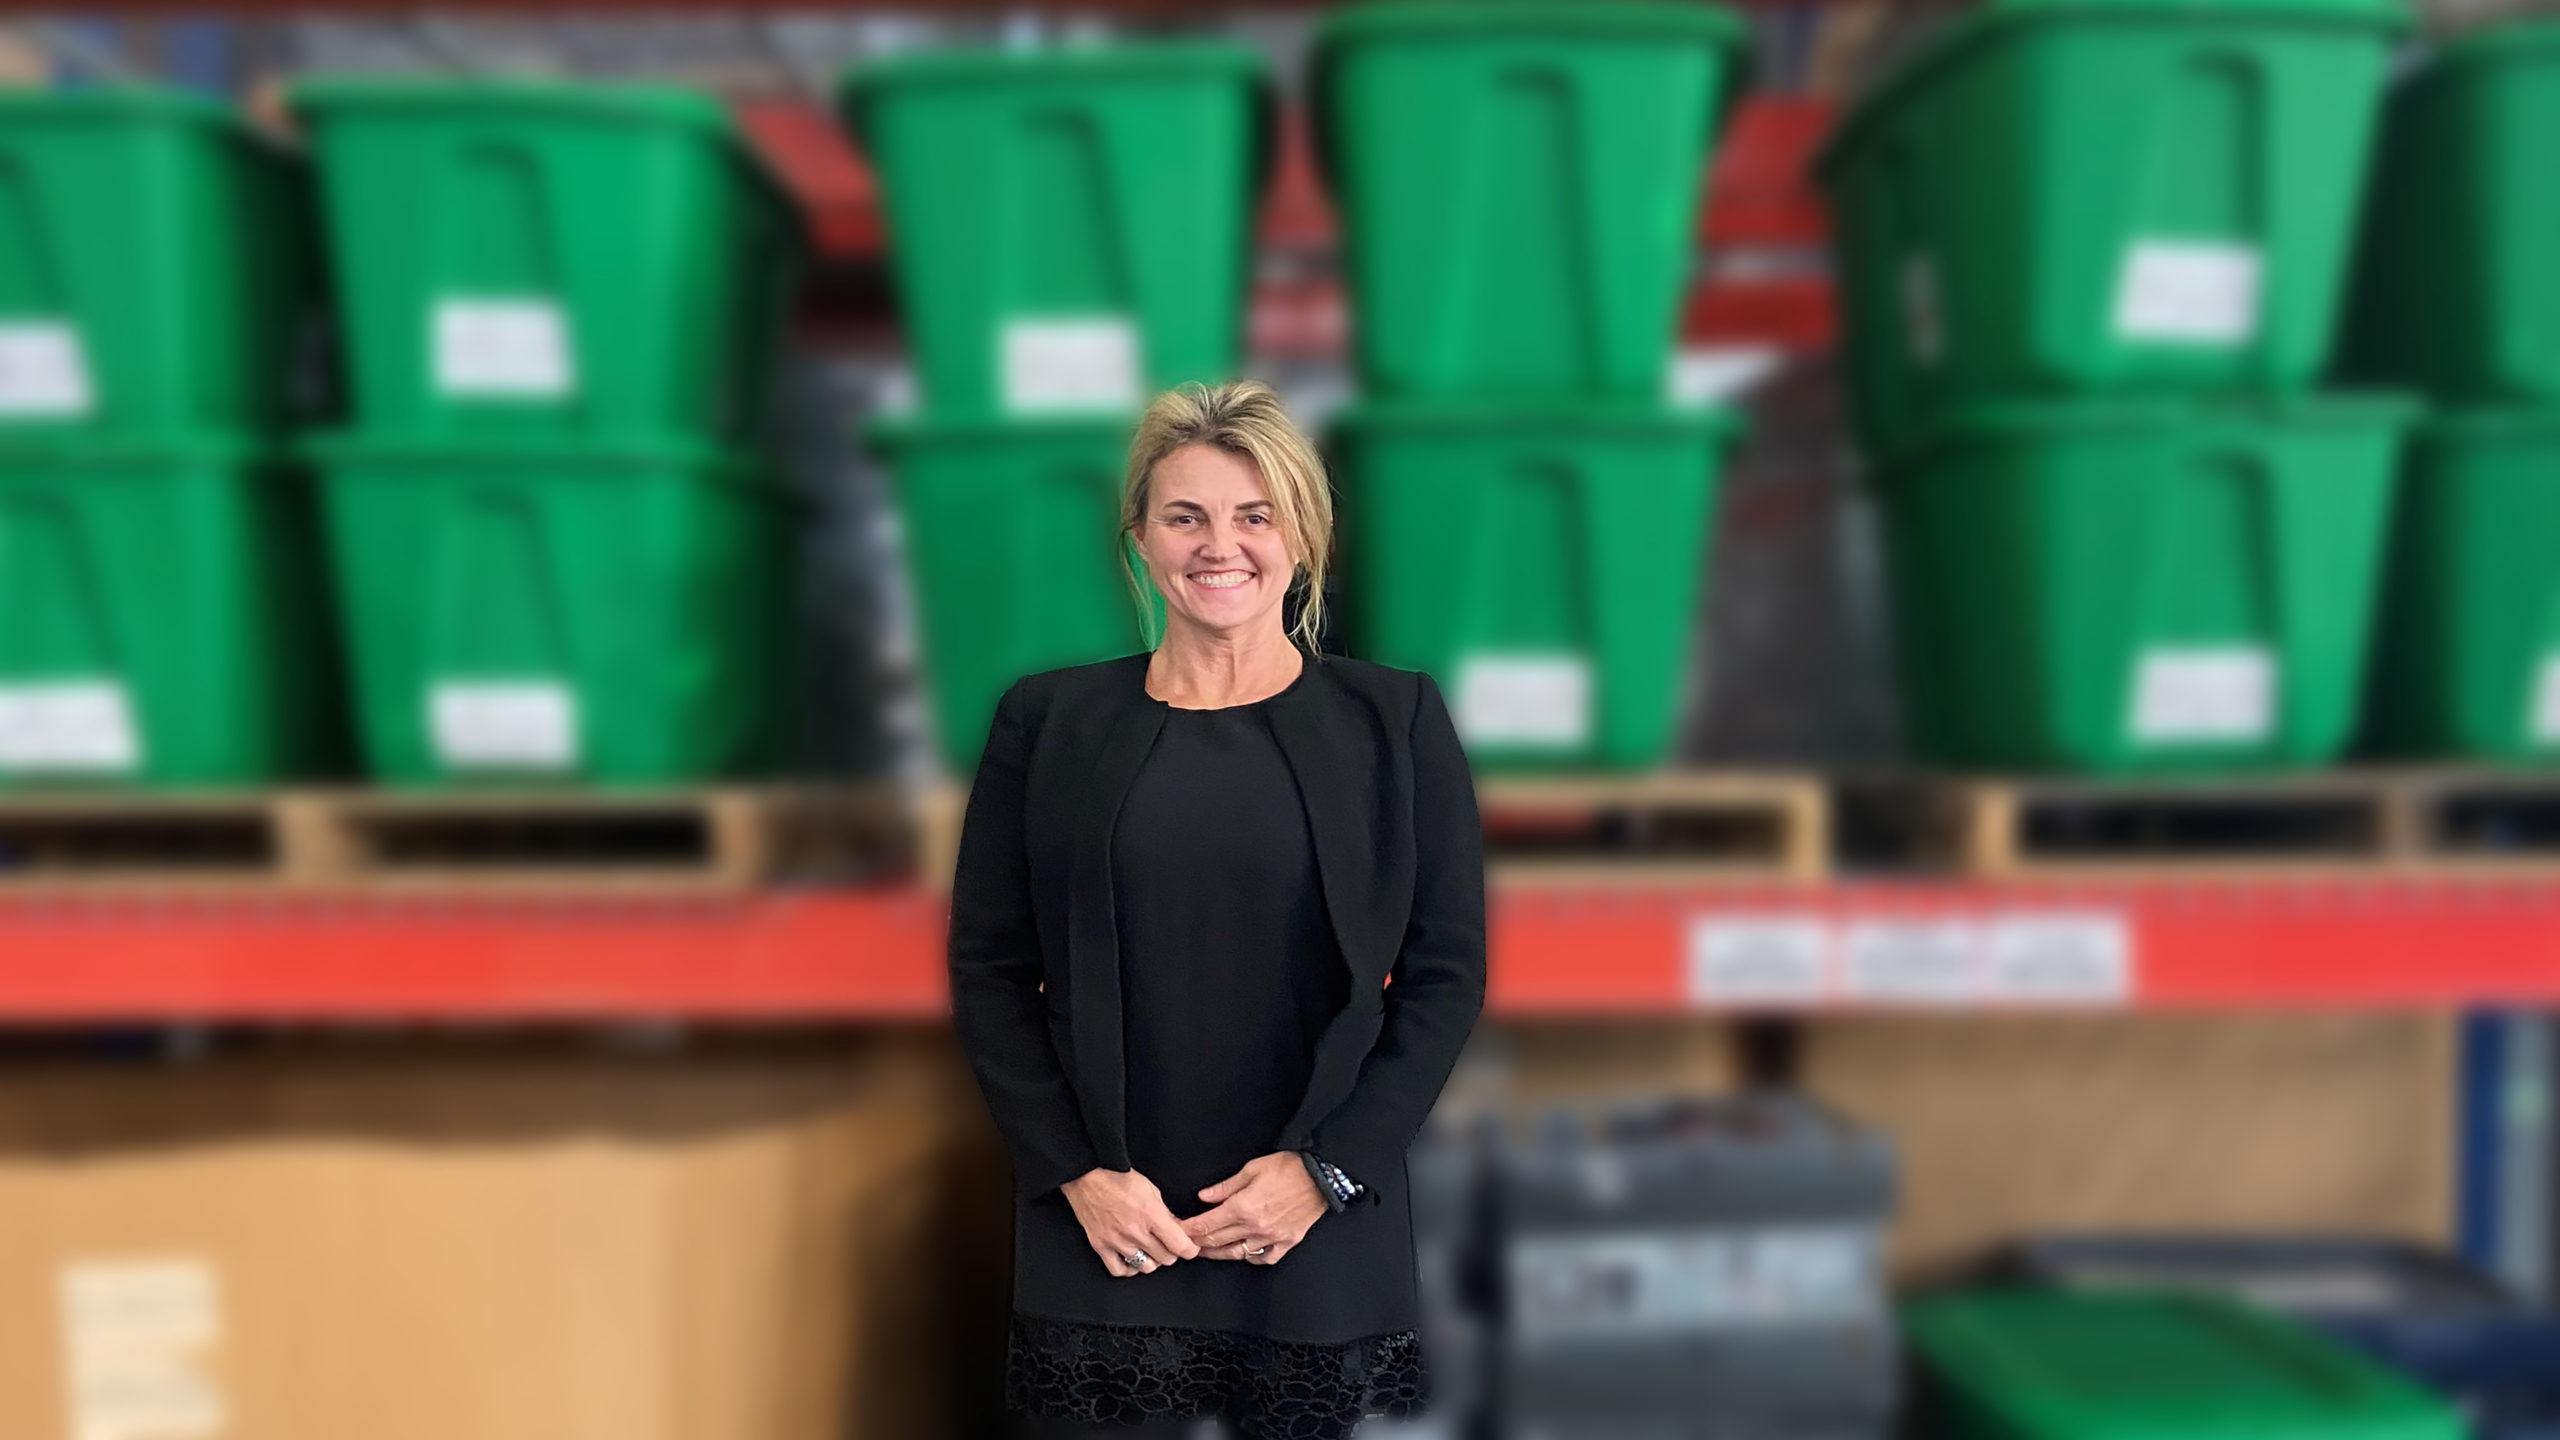 Connie Schmidt joins River Capital